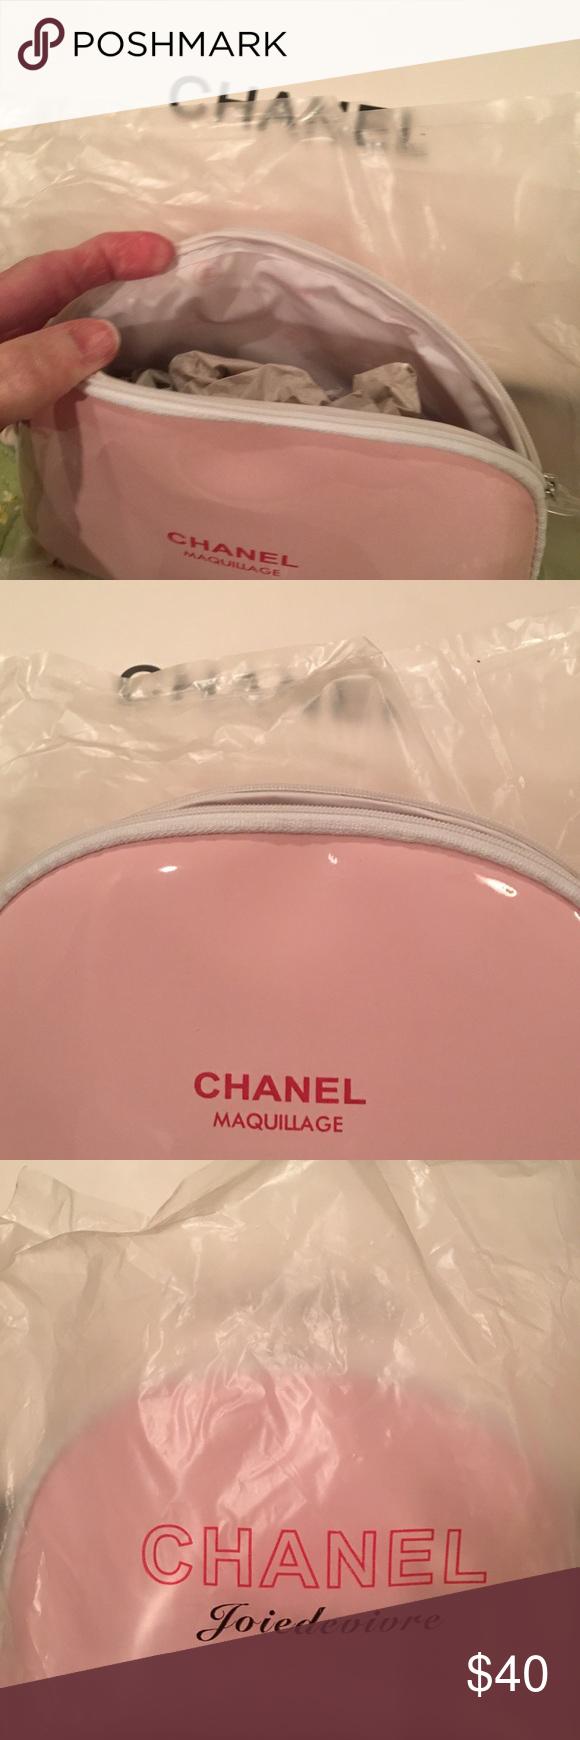 VIP Gift Chanel Makeup Bag New Chanel makeup bag, Chanel